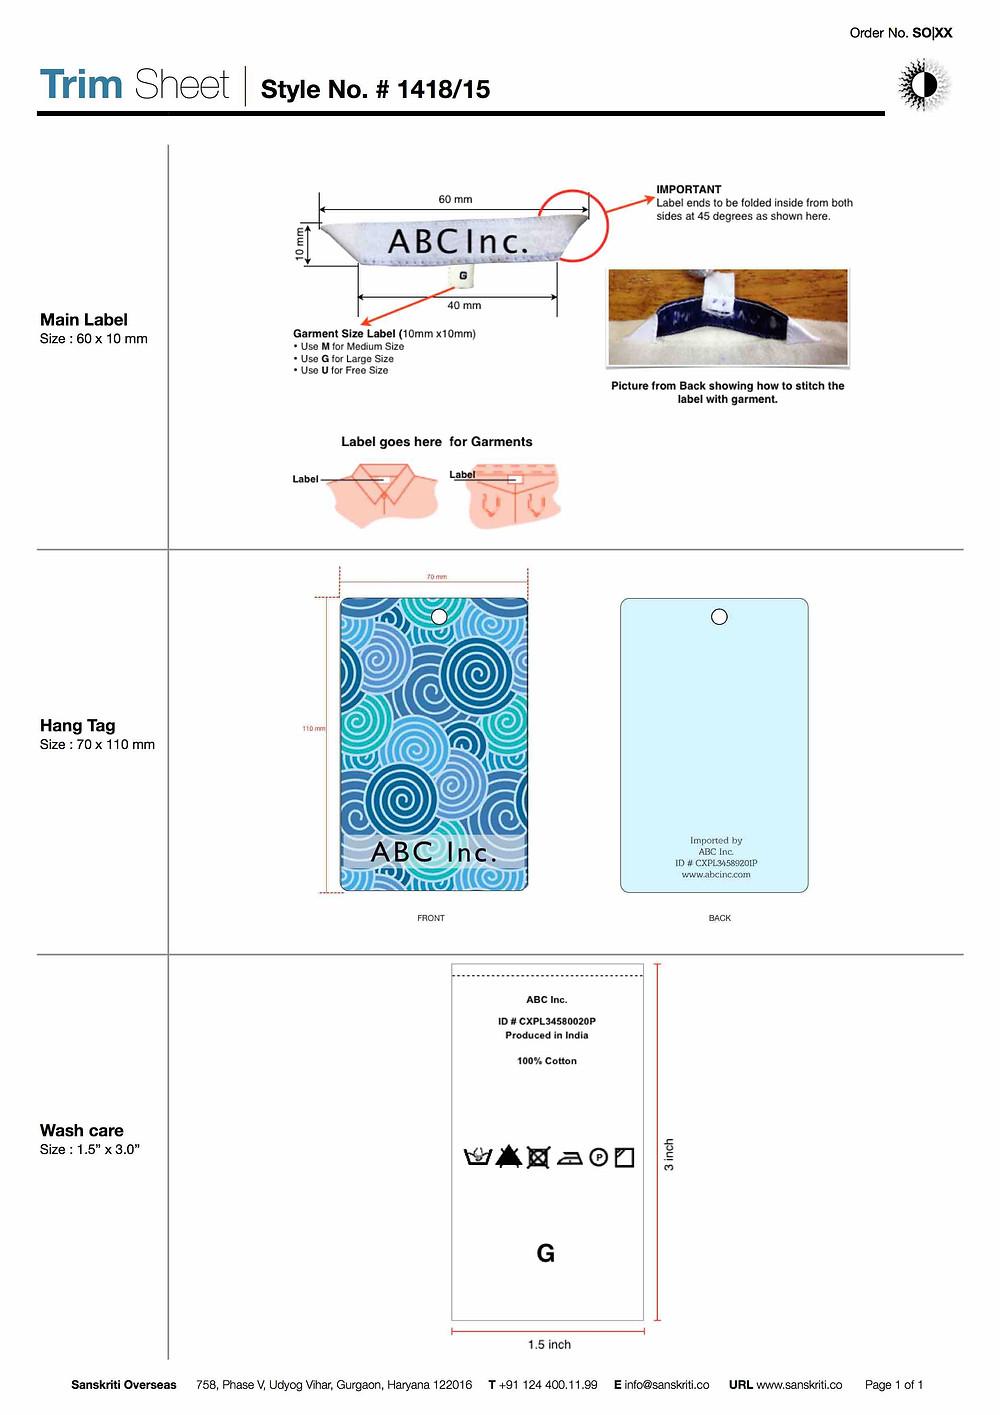 Trim Sheet